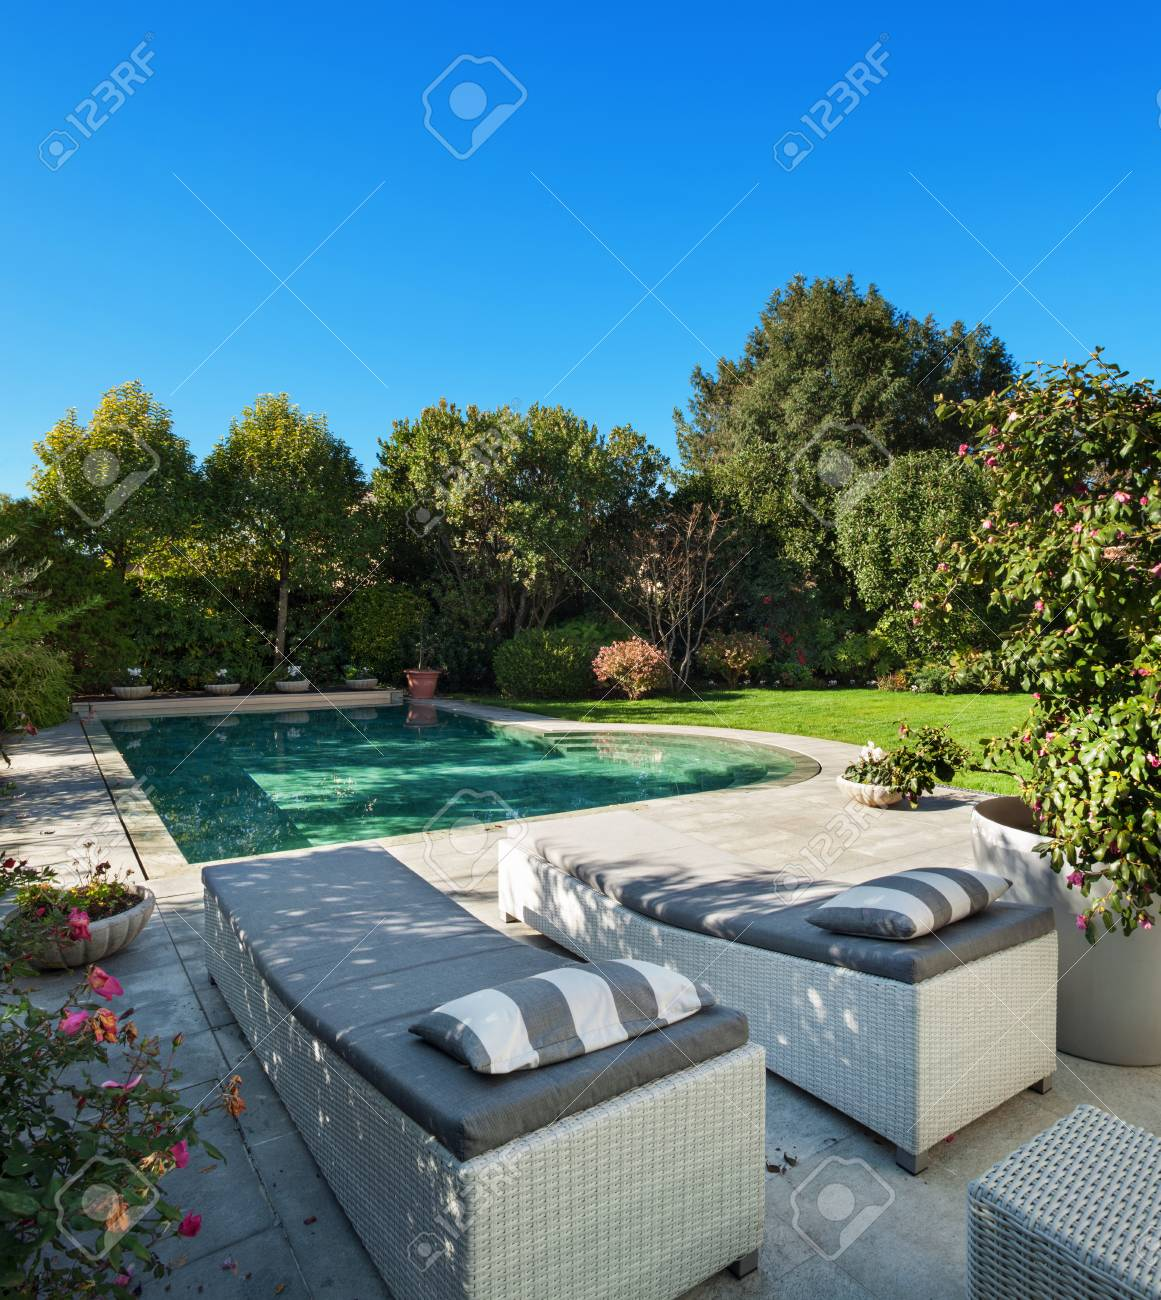 Schöner Garten Mit Pool, Zwei Sonnenliegen Lizenzfreie Fotos, Bilder ...